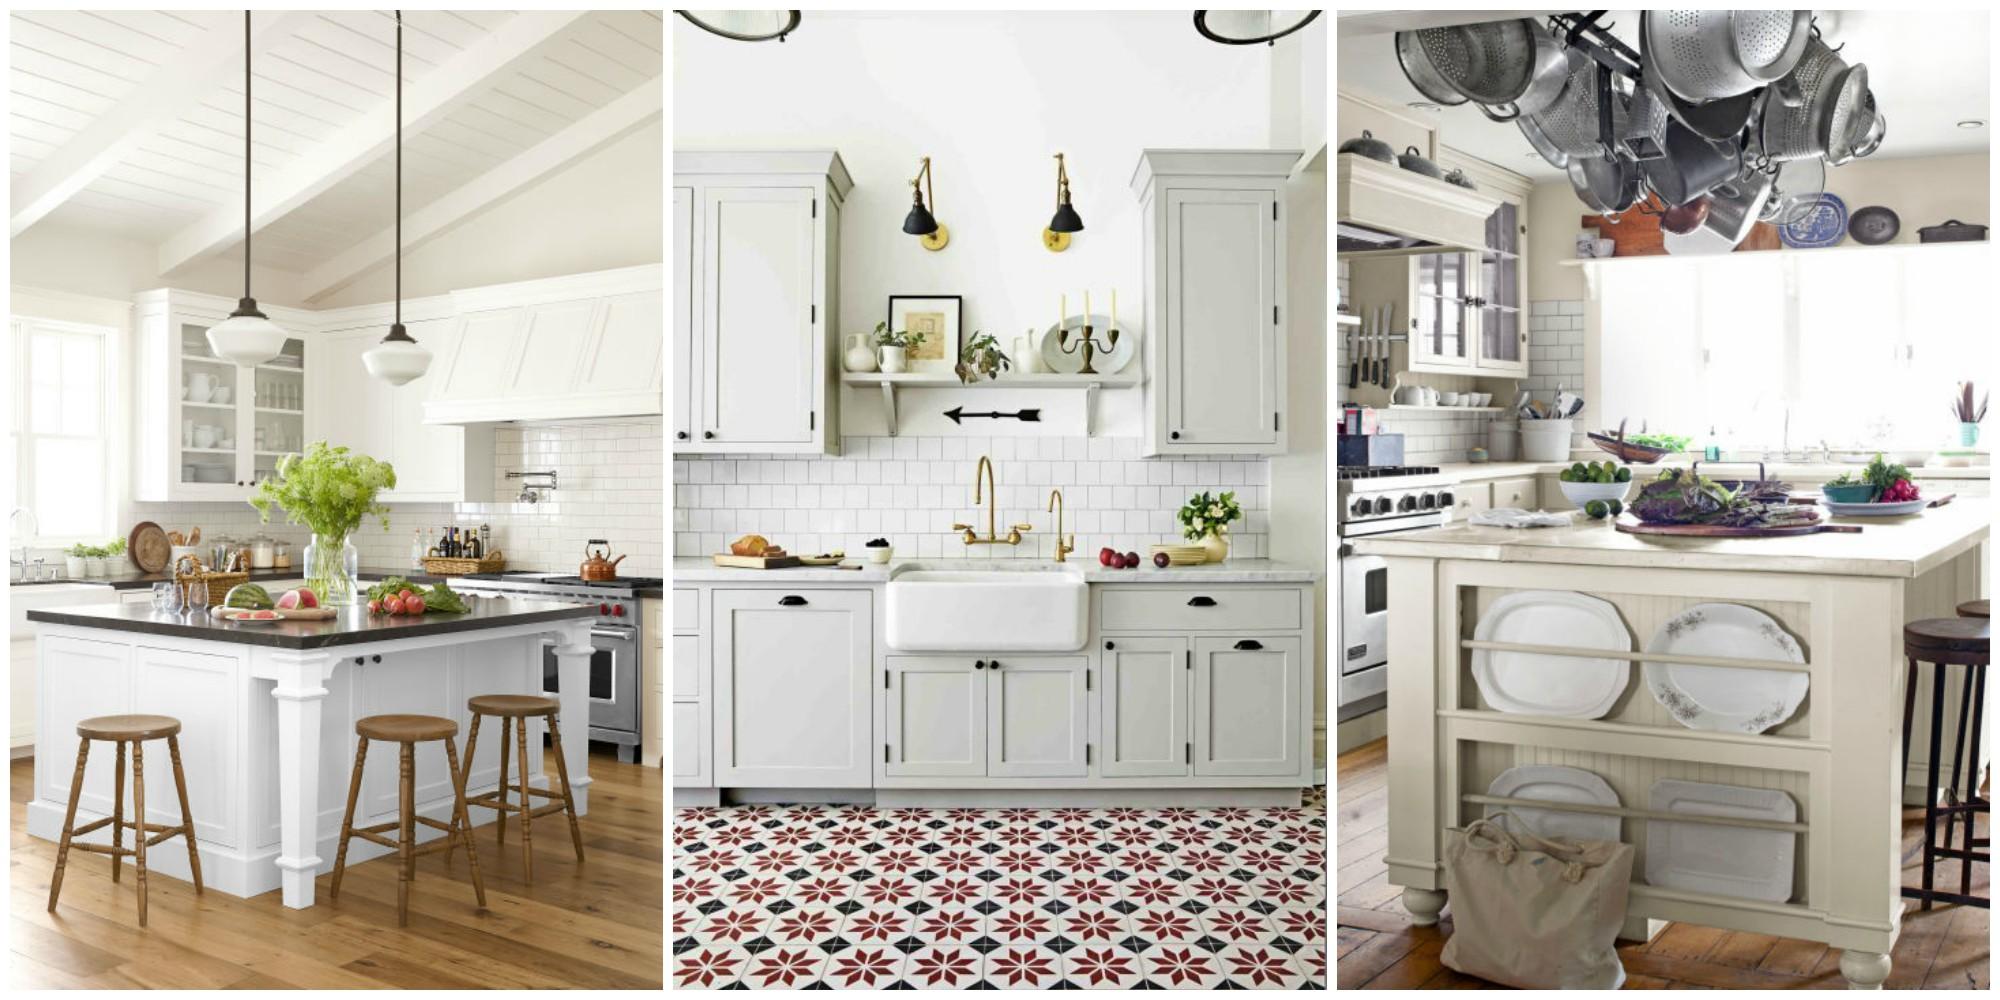 10 Best White Kitchen Cabinet Paint Colors